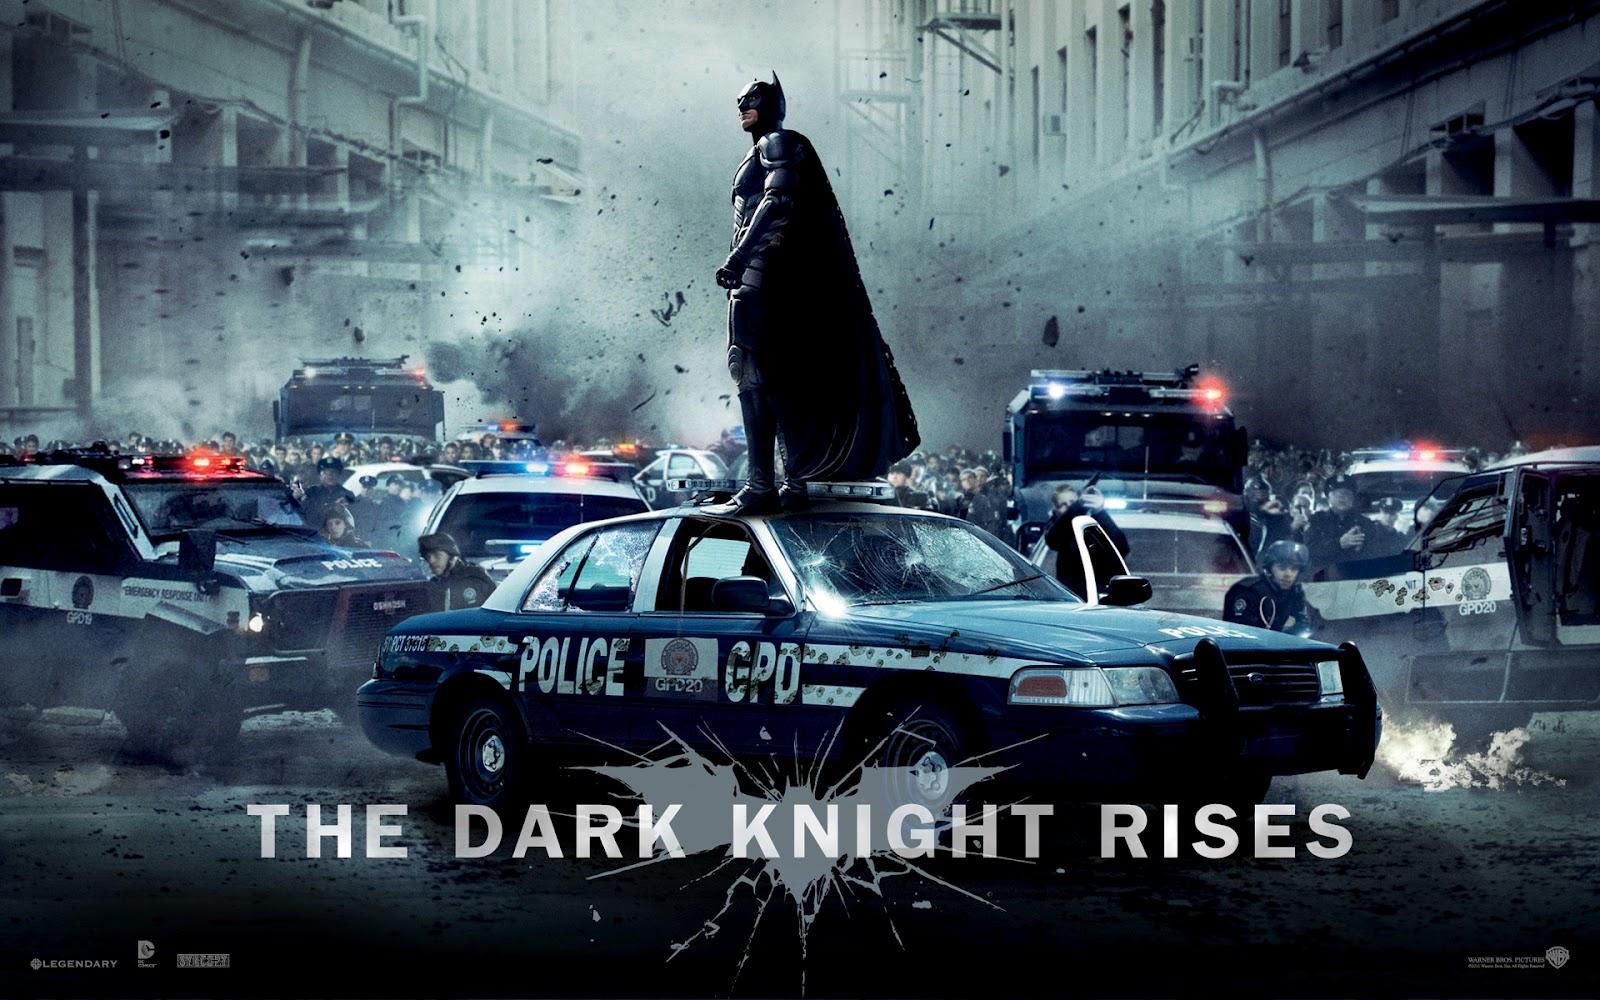 http://2.bp.blogspot.com/-F-ujeuTyT04/UBbT3ID9vdI/AAAAAAAAEGQ/gzWrBhRNi9E/s1600/batman-superhero-dark-knight-rises-hd-wallpapers.jpg